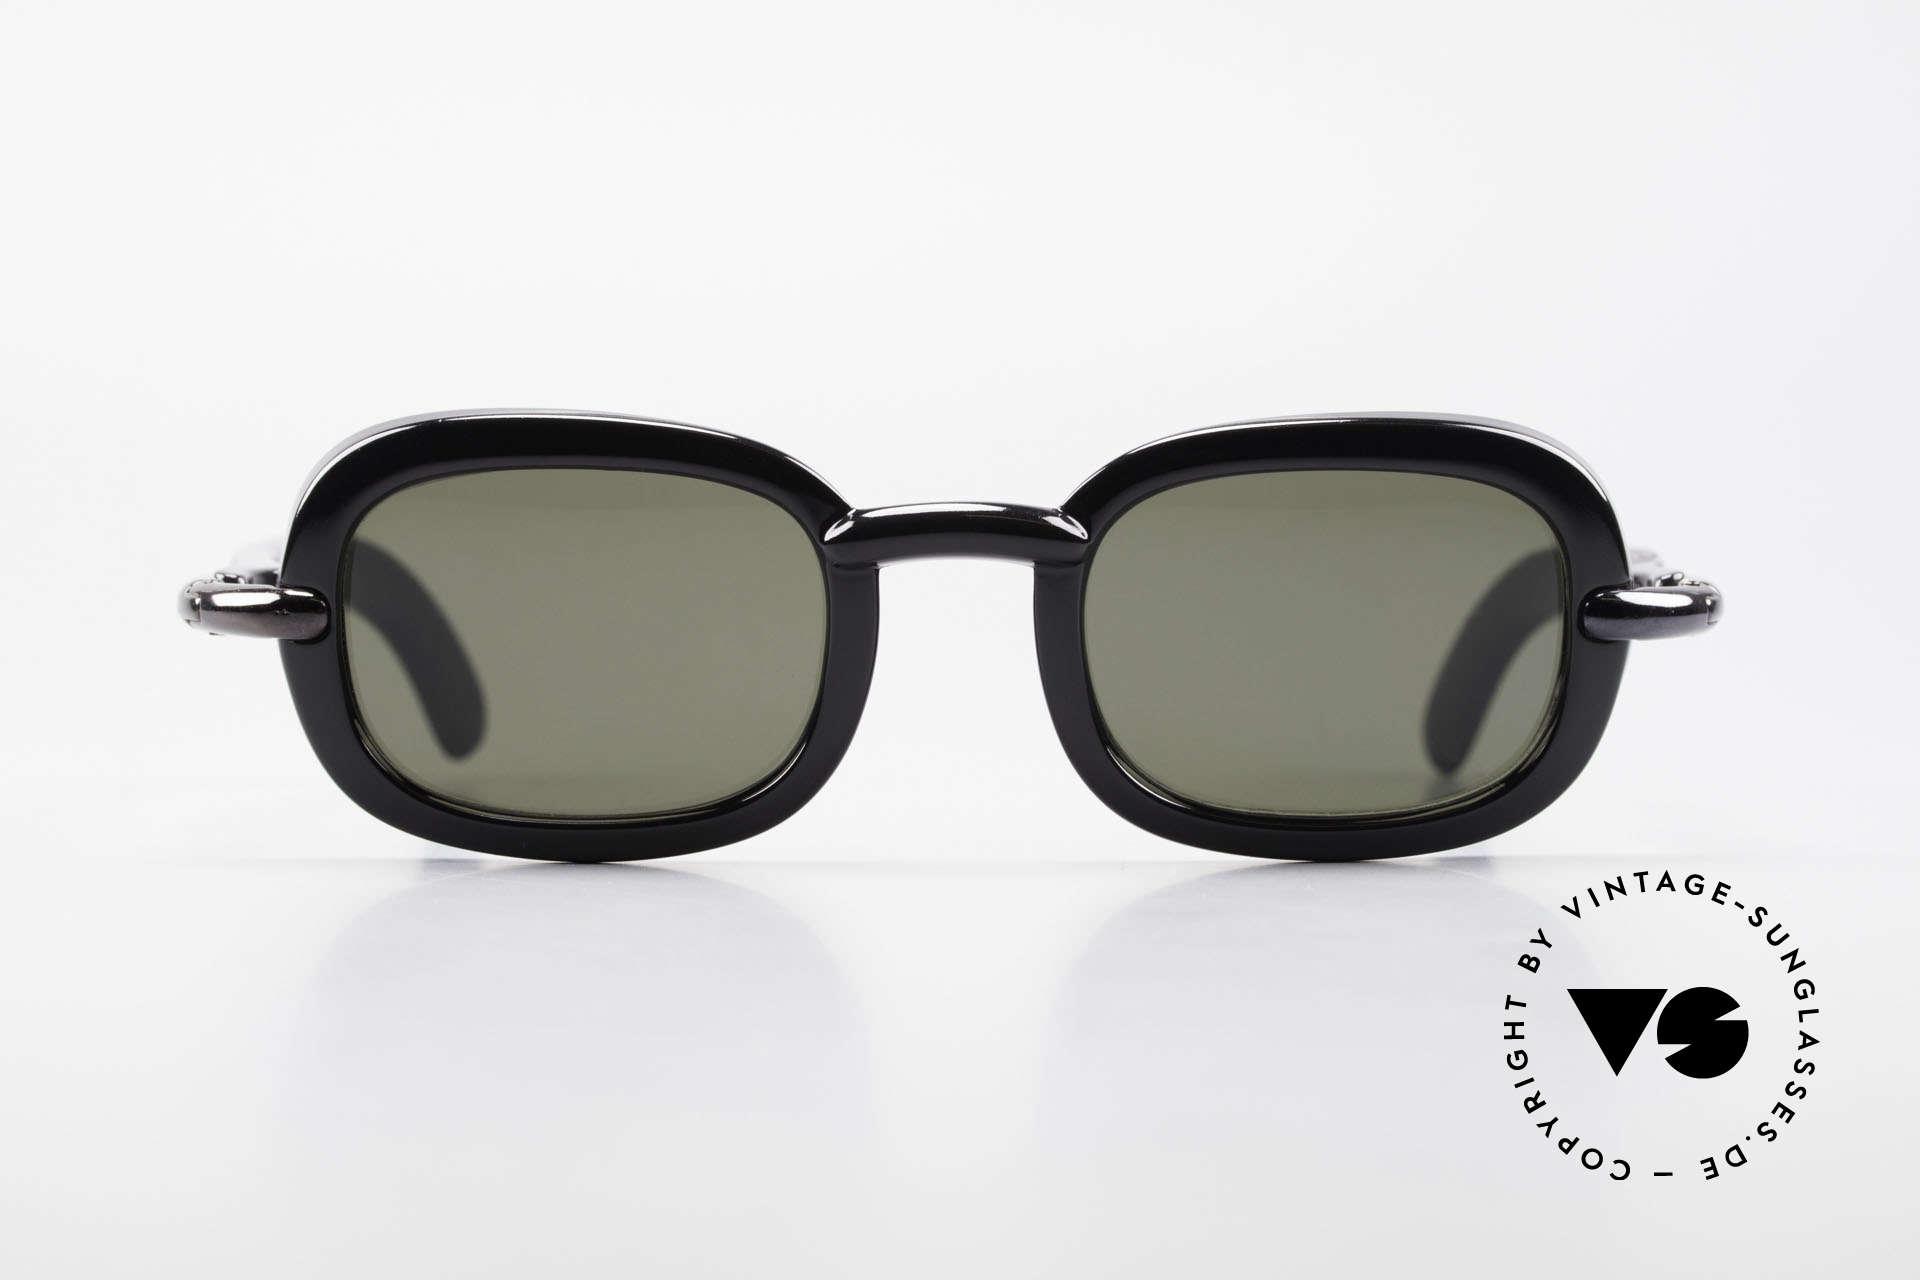 Karl Lagerfeld 4117 Rare 90er Damen Sonnenbrille, 1990er Jahre Lagerfeld Sonnenbrillen sind Kleinserien, Passend für Damen